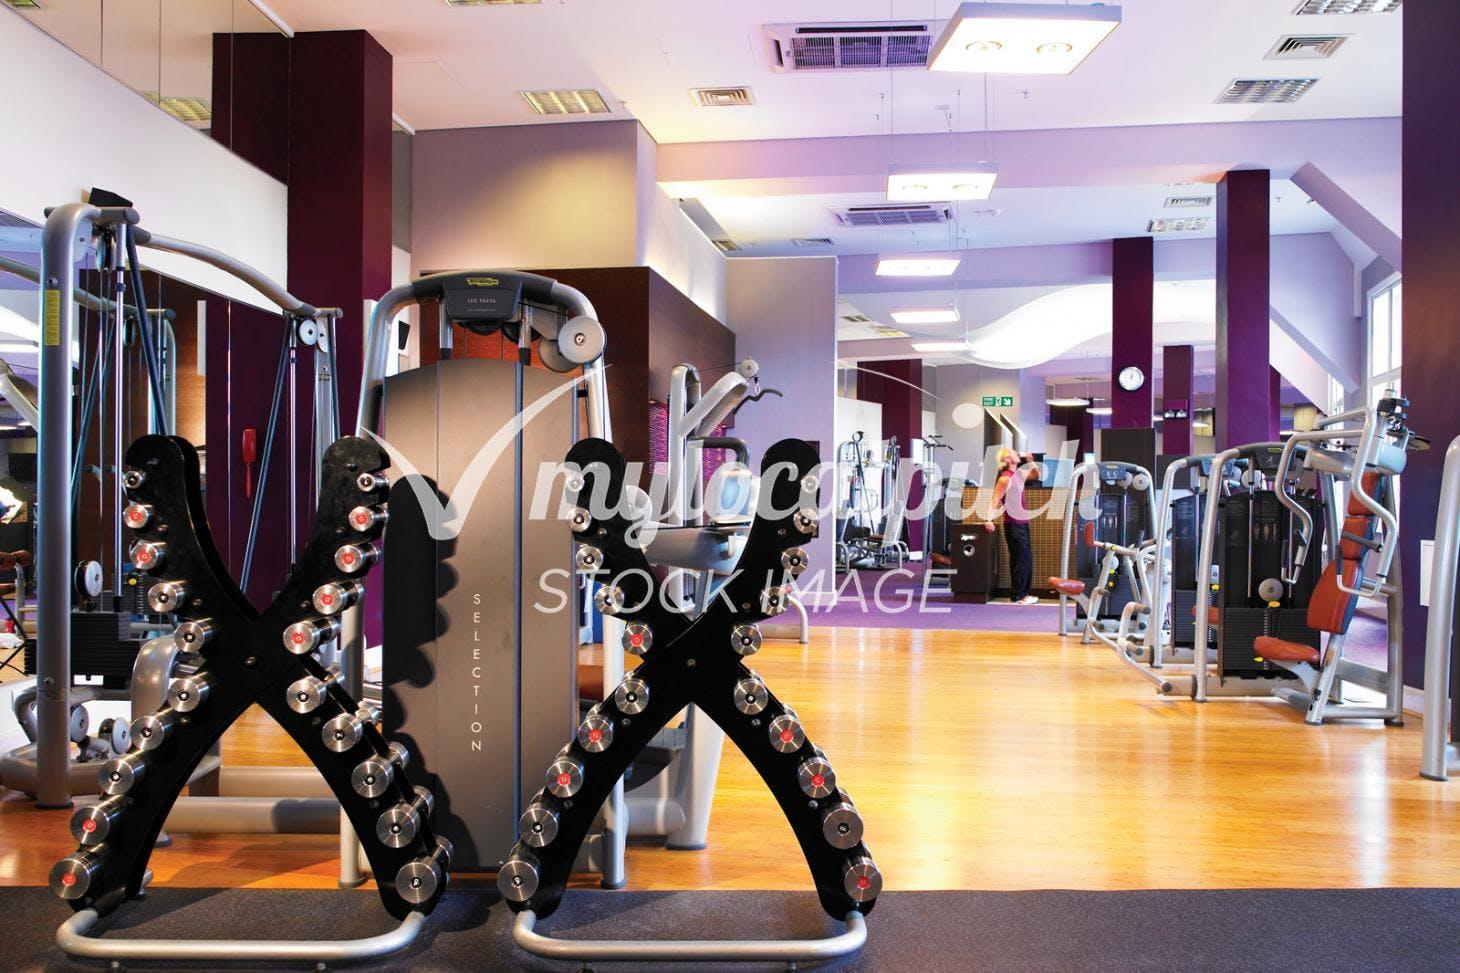 Virgin Active Chislehurst Indoor gym